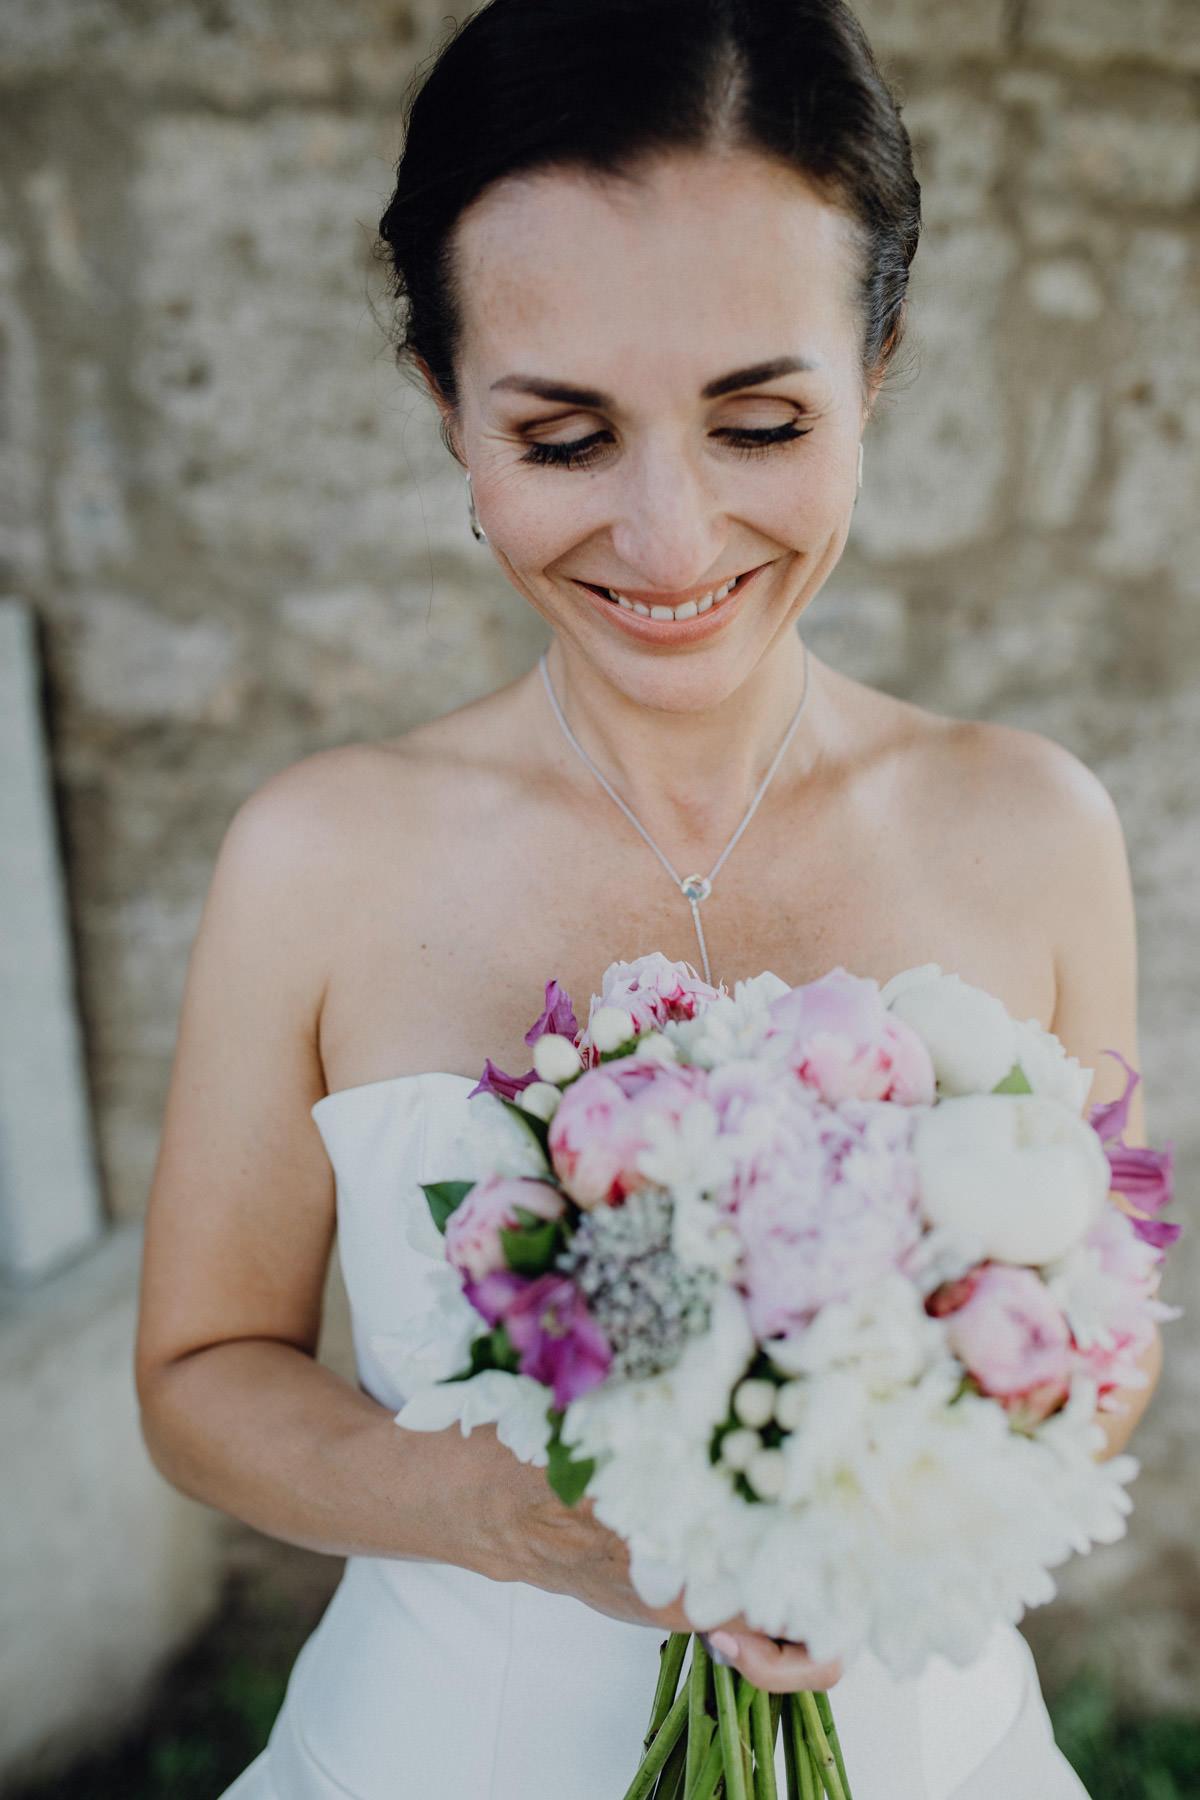 Braut mit Hochzeitsstrauss